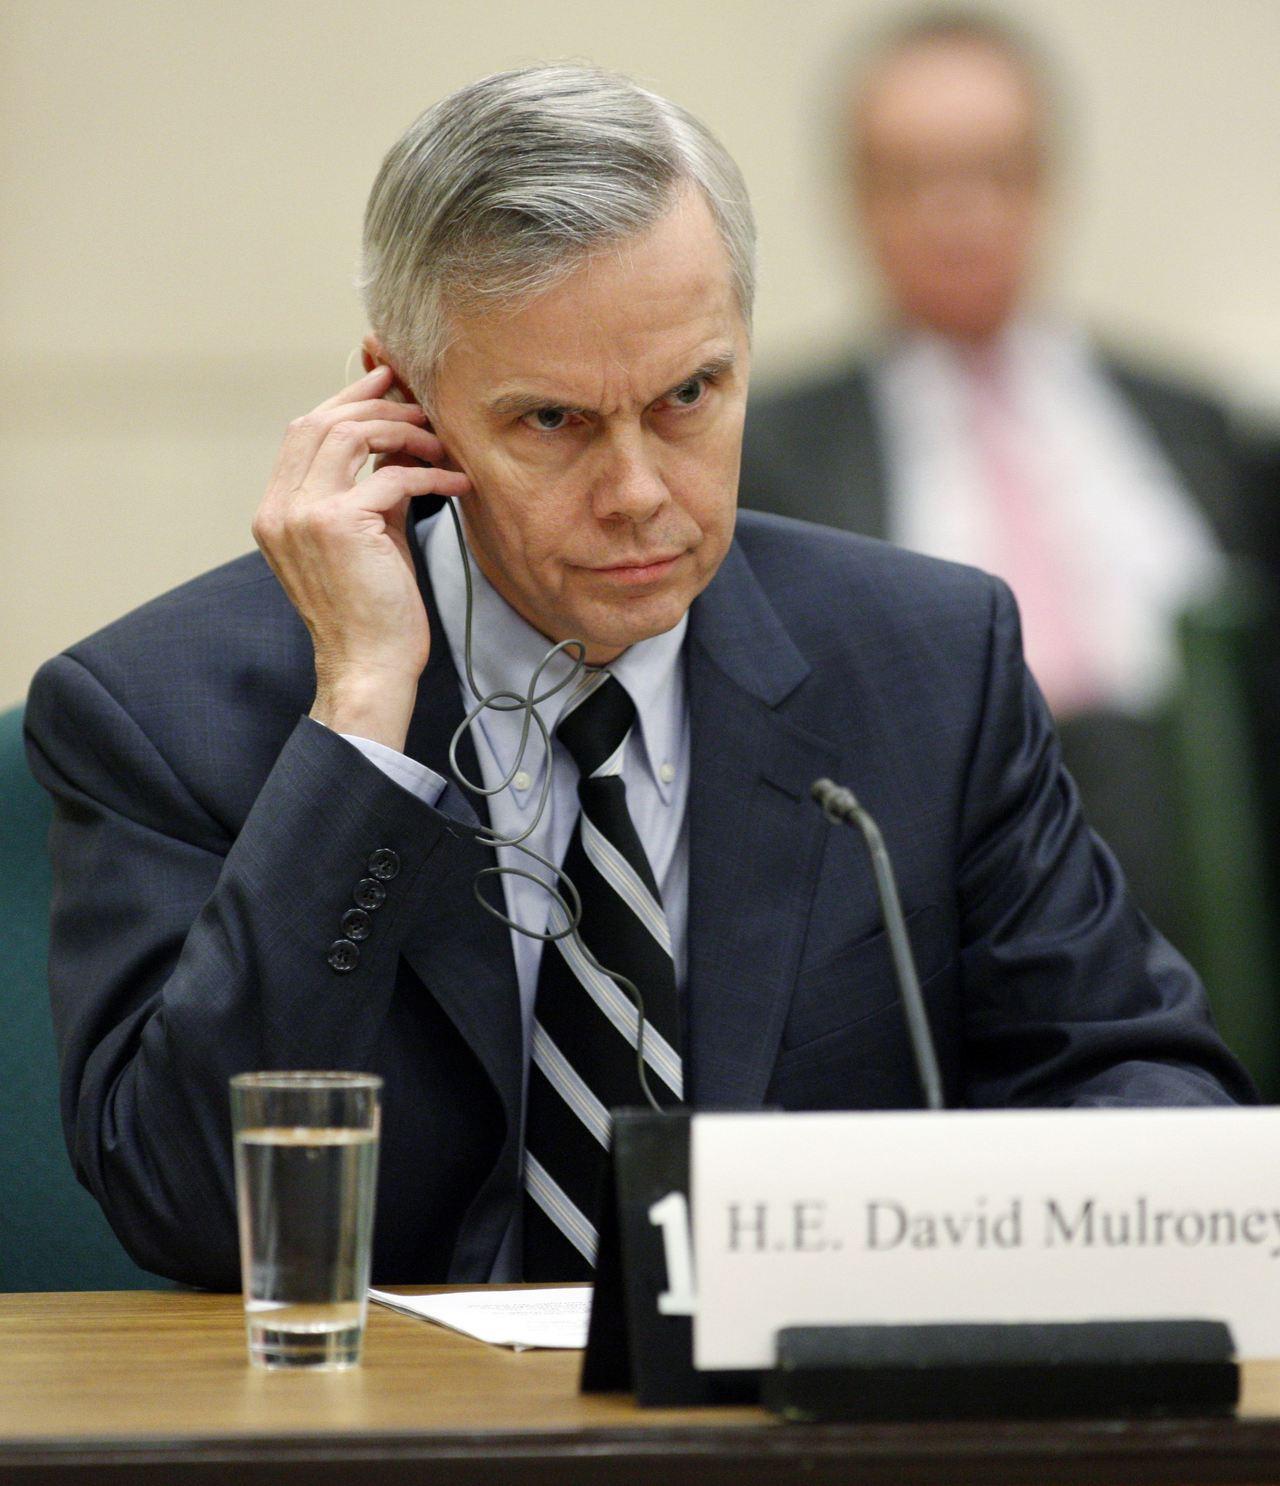 加拿大前駐華大使、多倫多大學全球事務學院高級研究員馬大維(David Mulro...